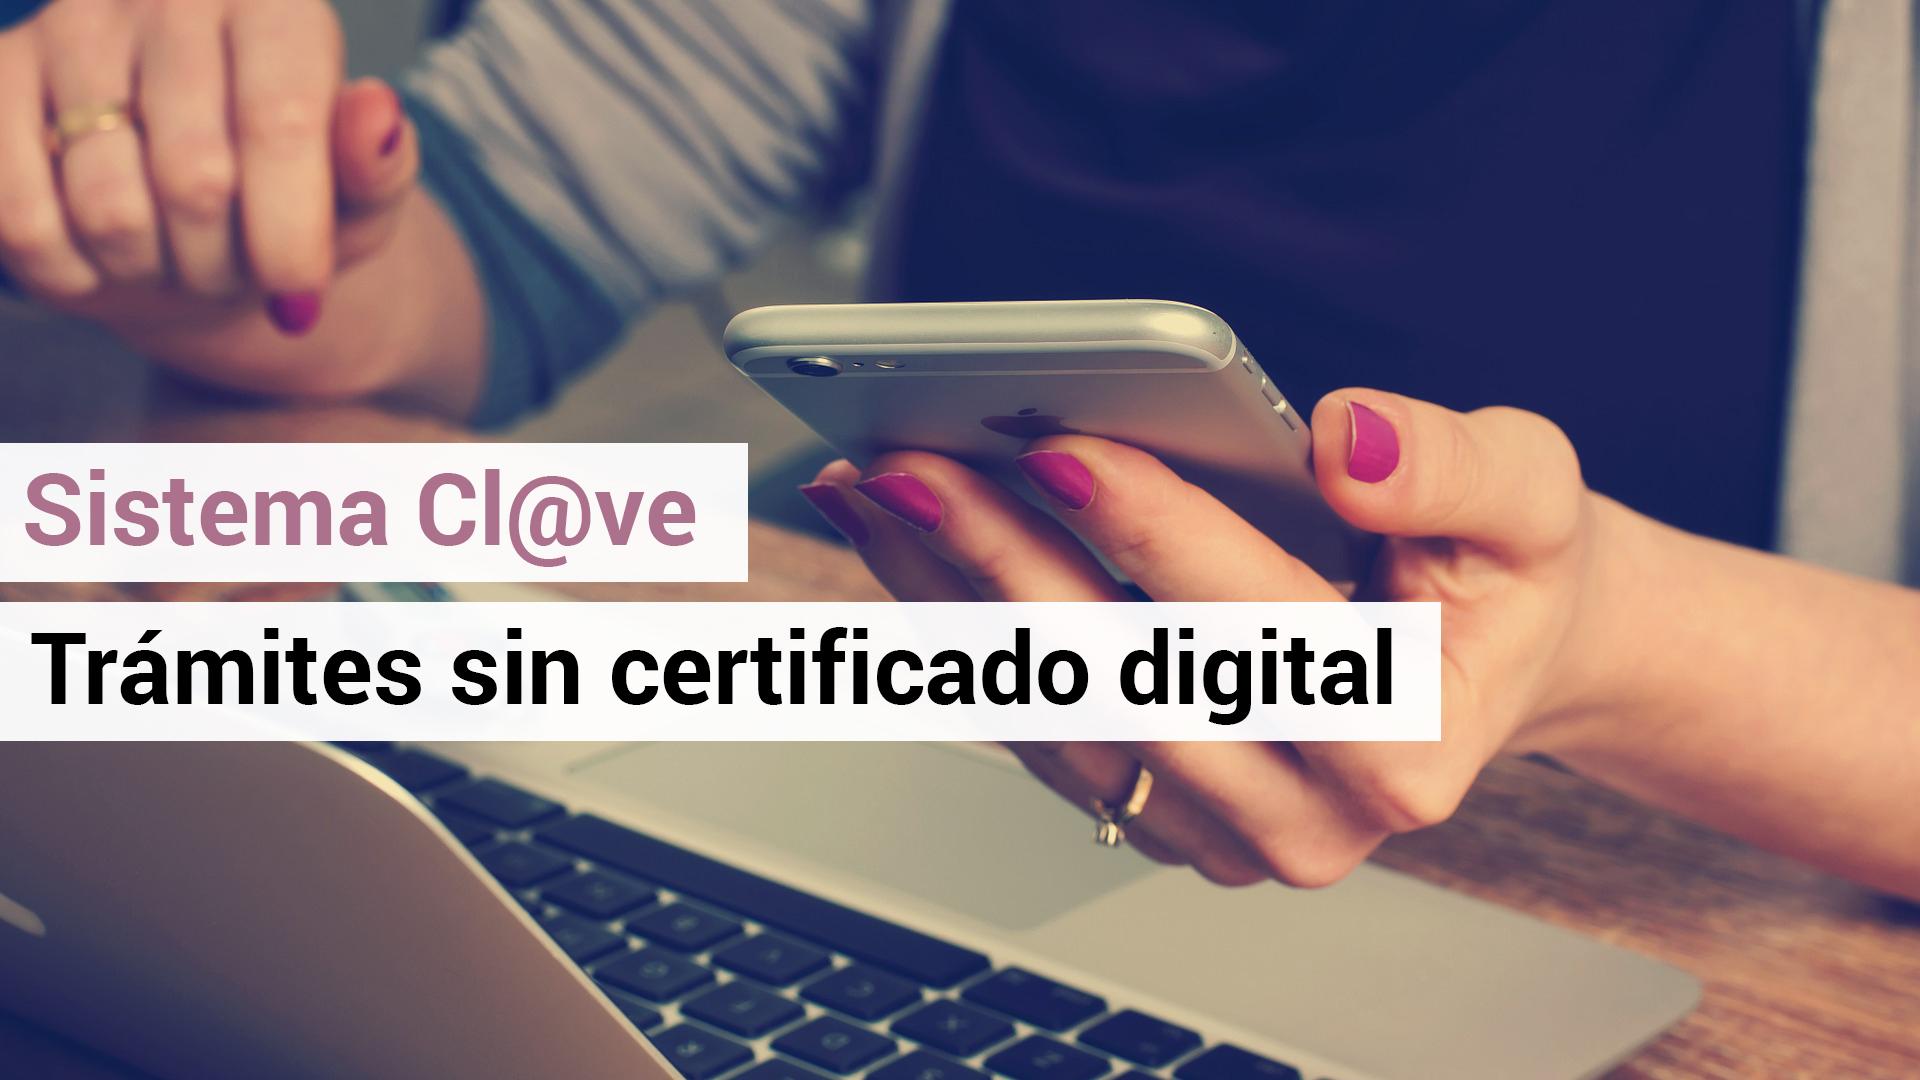 Cl@ve PIN o como hacer trámites en Hacienda sin certificado ni DNI digital.